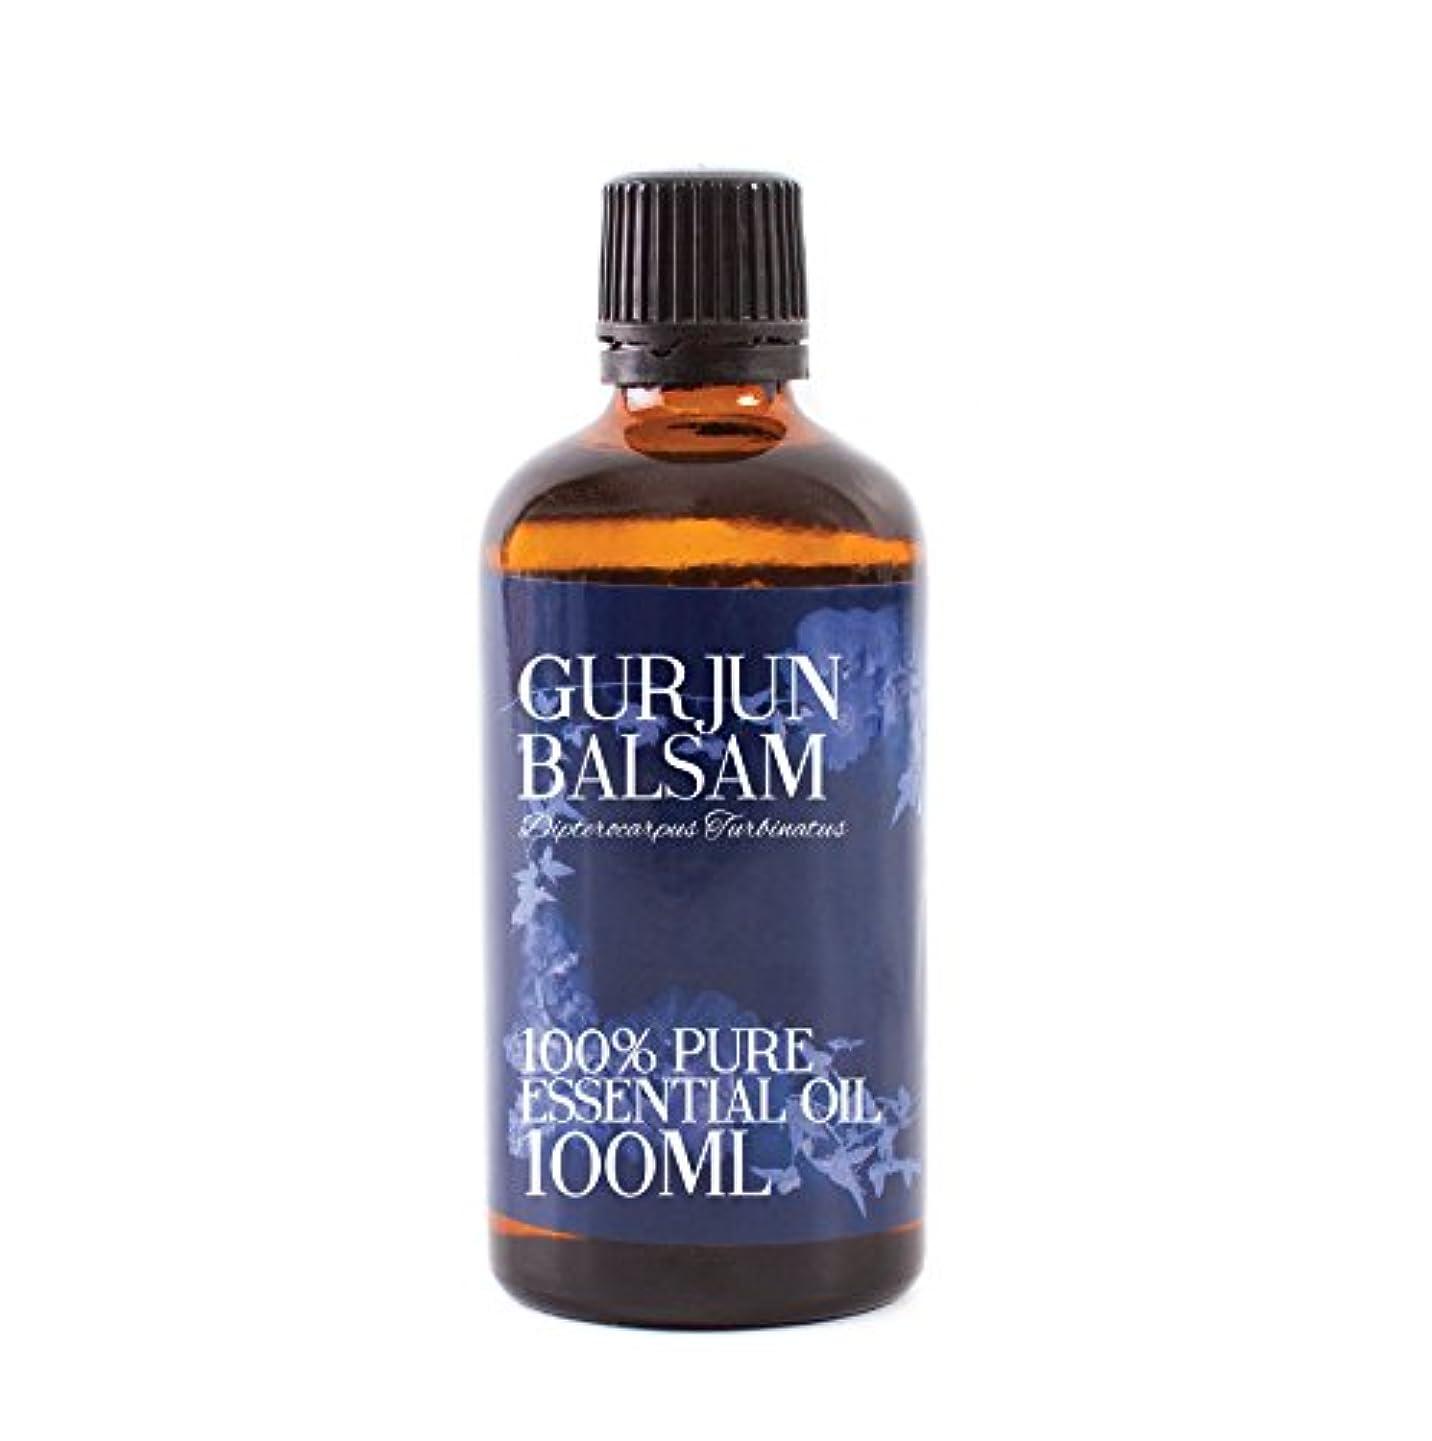 吐く争い検索エンジン最適化Mystic Moments   Gurjun Balsam Essential Oil - 100ml - 100% Pure